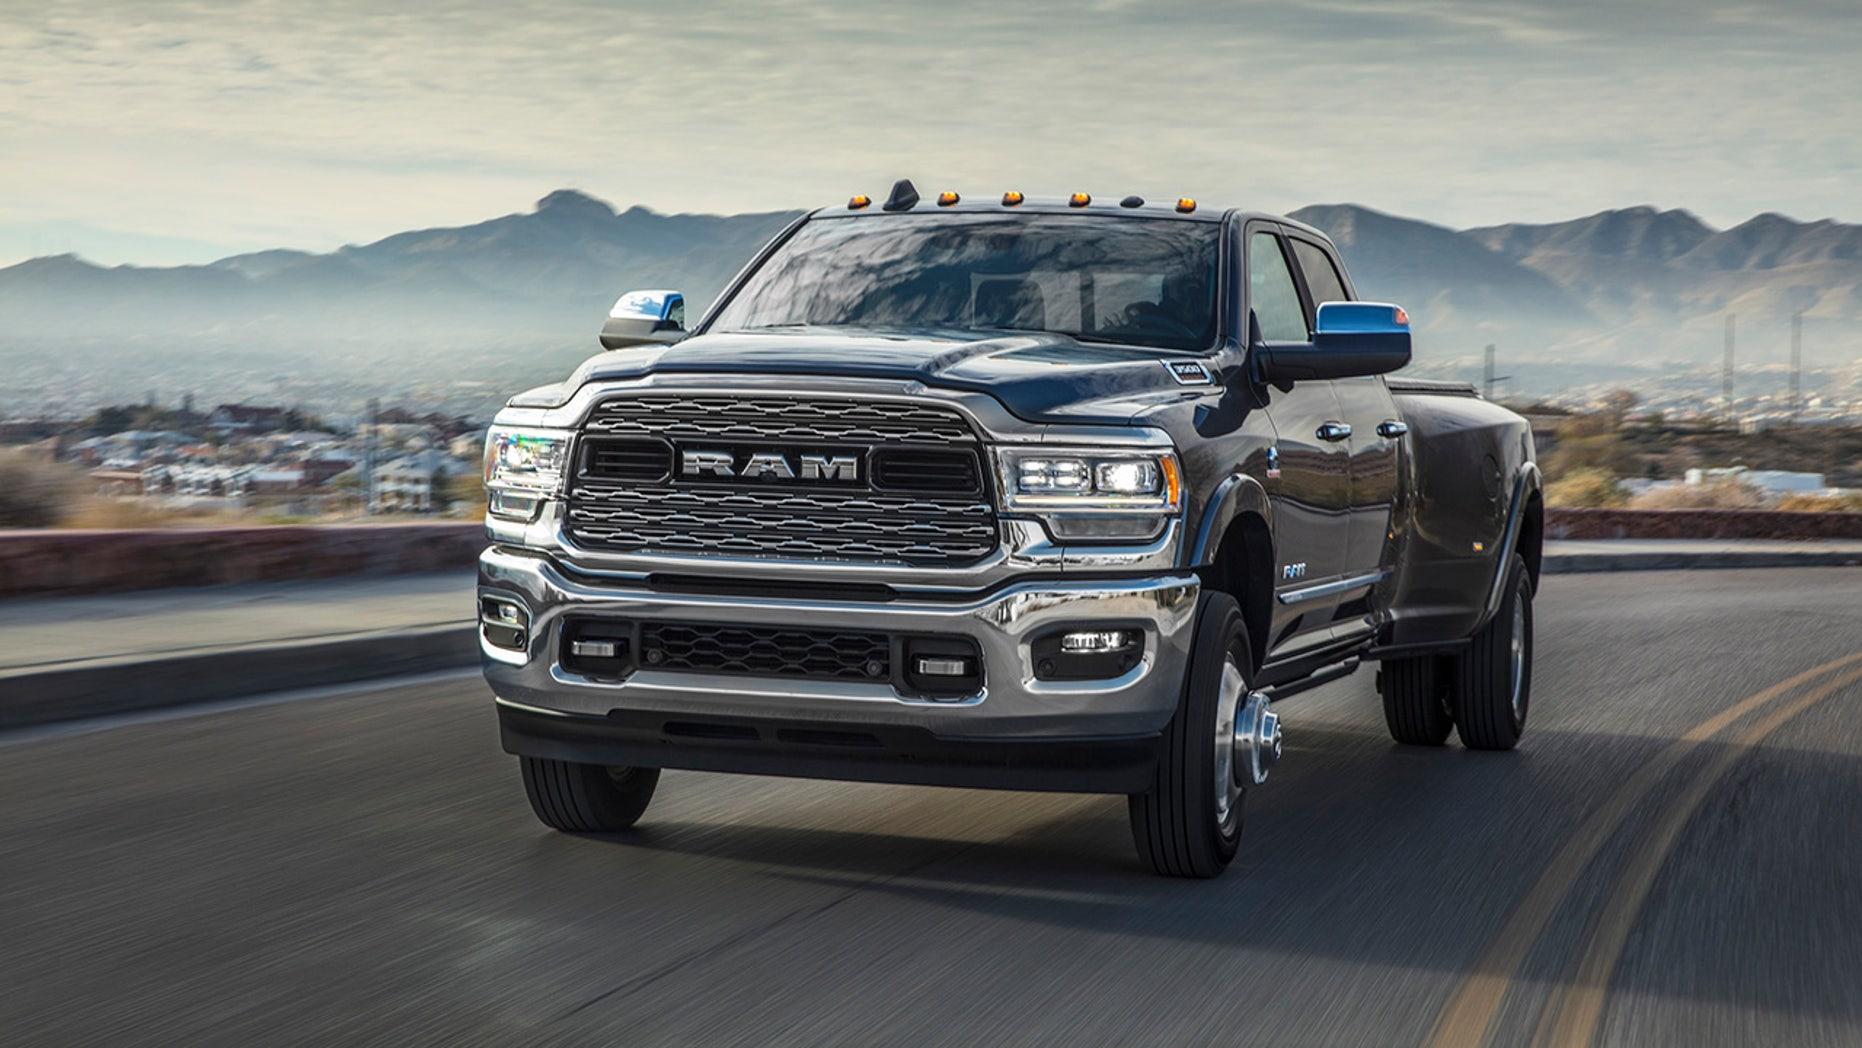 The 2019 Ram Heavy Duty pickup is a monstrous truck   Fox News